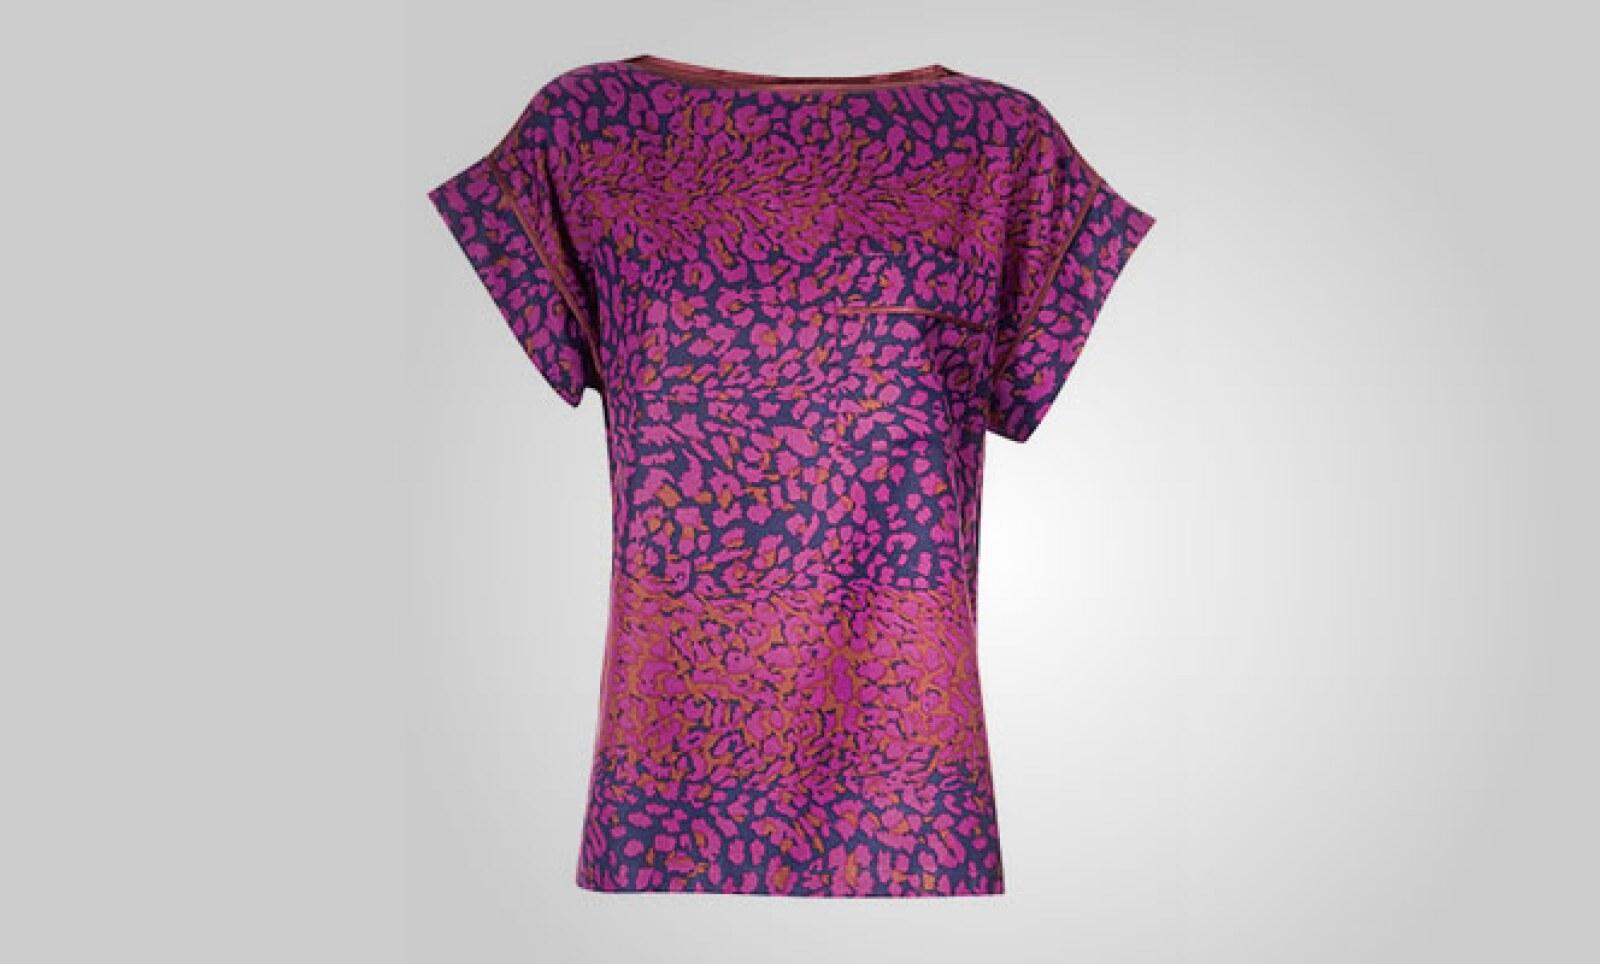 Esta blusa en colores azul y violeta, fabricada en algodón, te envuelve en un estilo fresco y juvenil.